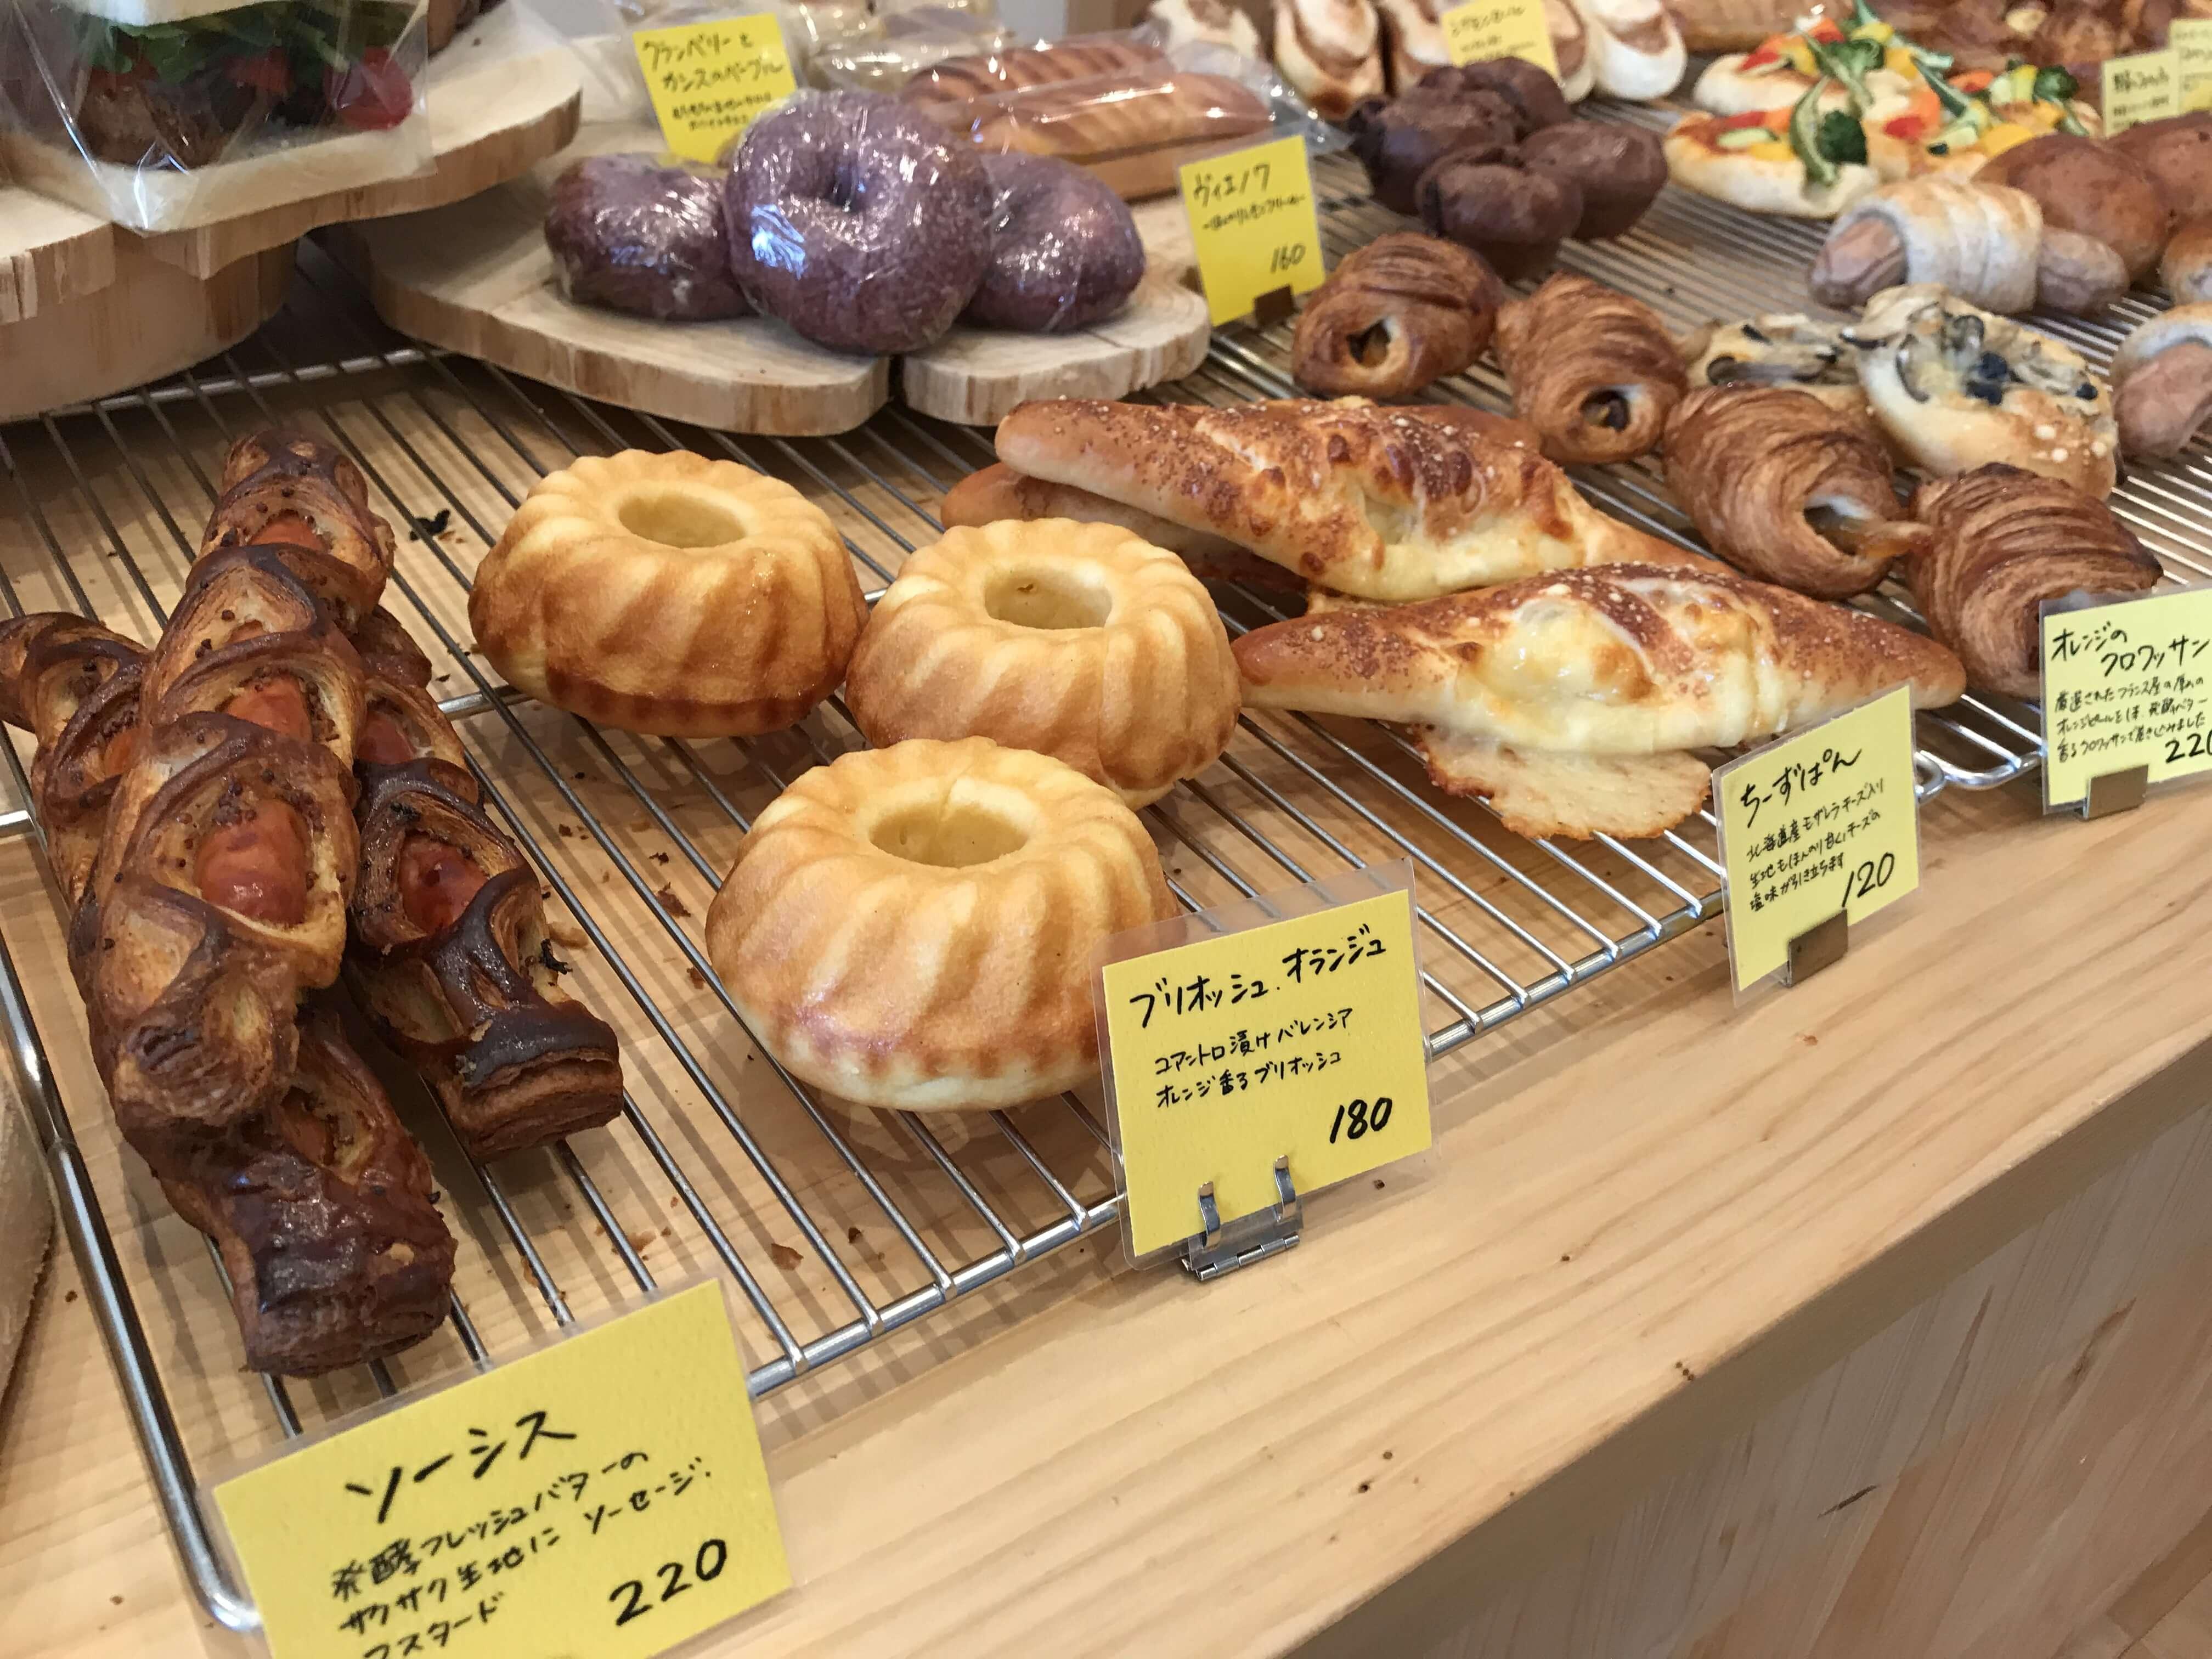 『 NOTO HI BAKARA BAKERY ノトヒバカラ・ベーカリー』パンのいい匂いと木の香りがあふれる幸せ空間。多彩なパンが揃う!ジェラートもおススメ